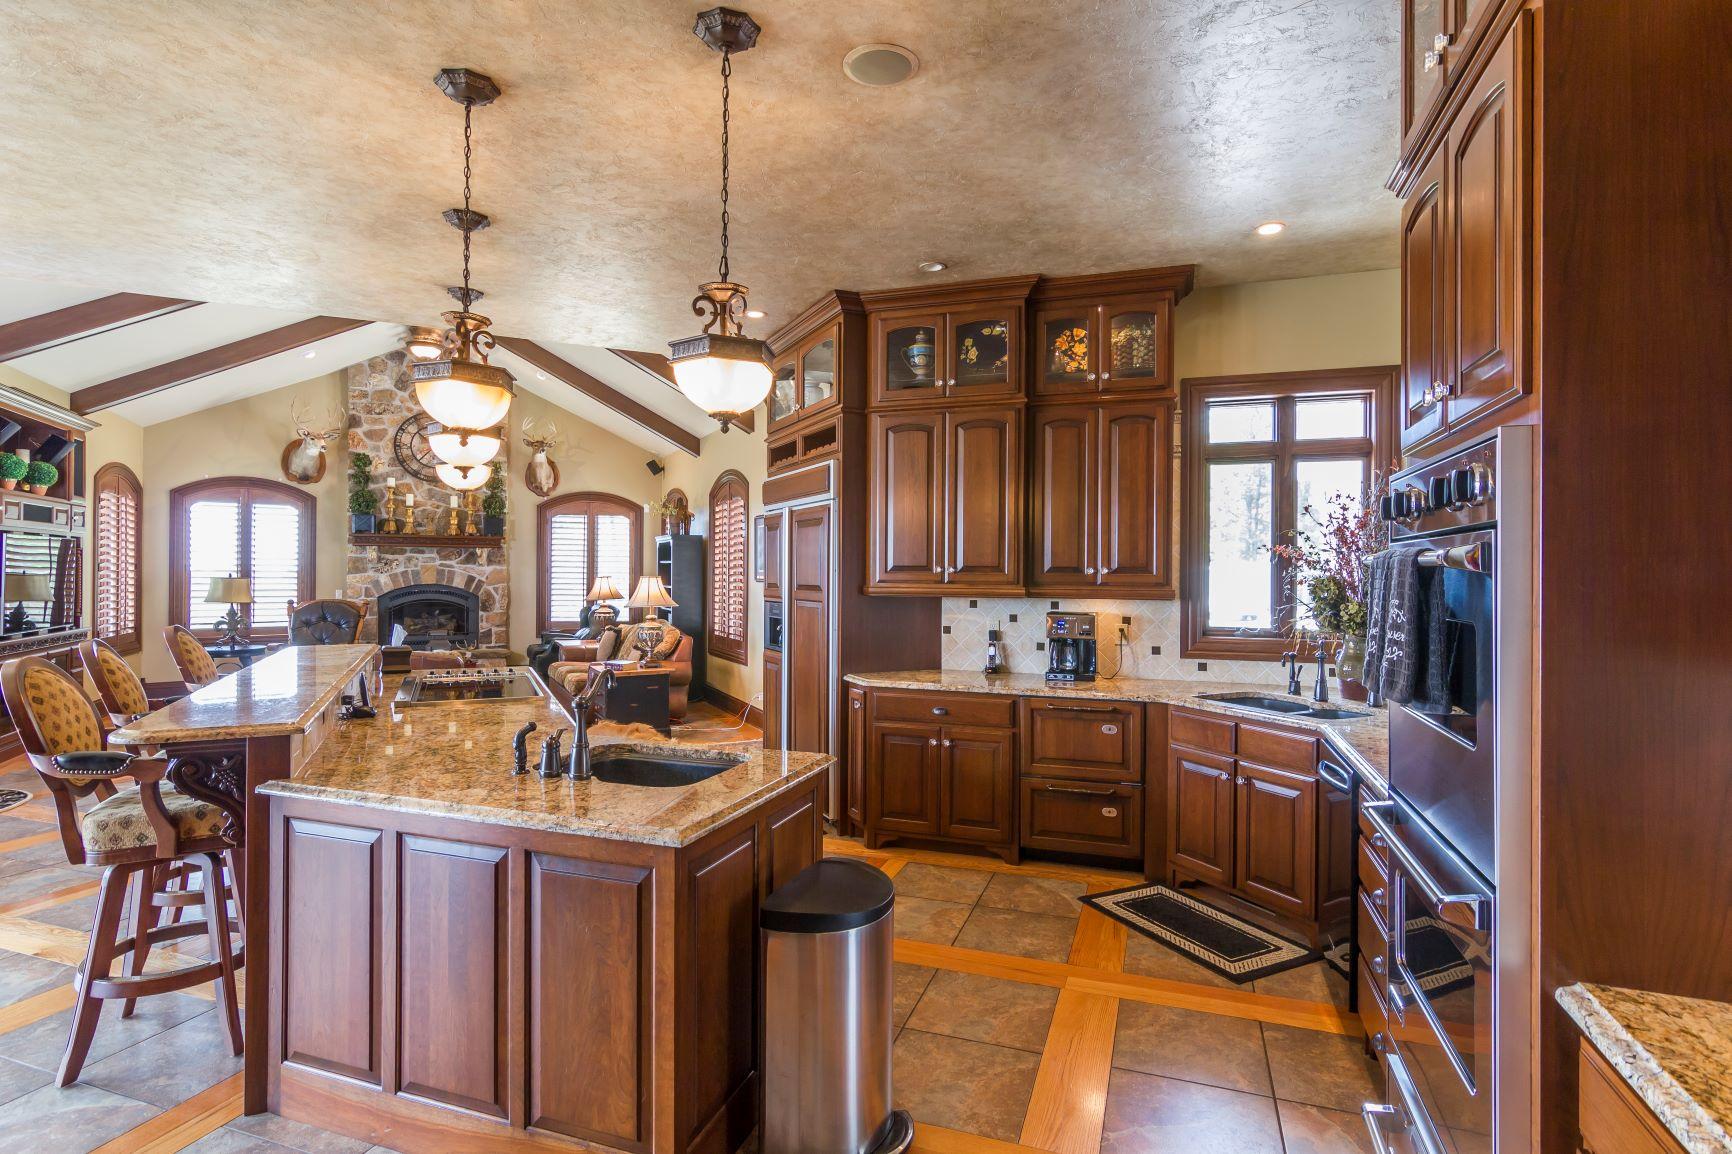 Southwoods kitchen3den.jpg